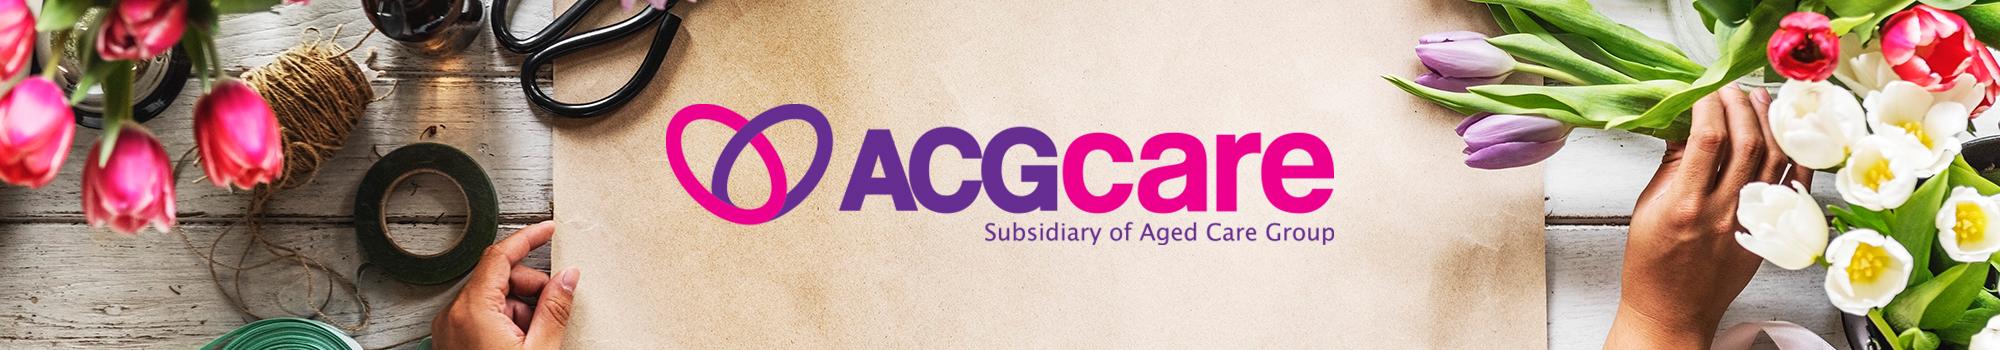 ACG Care